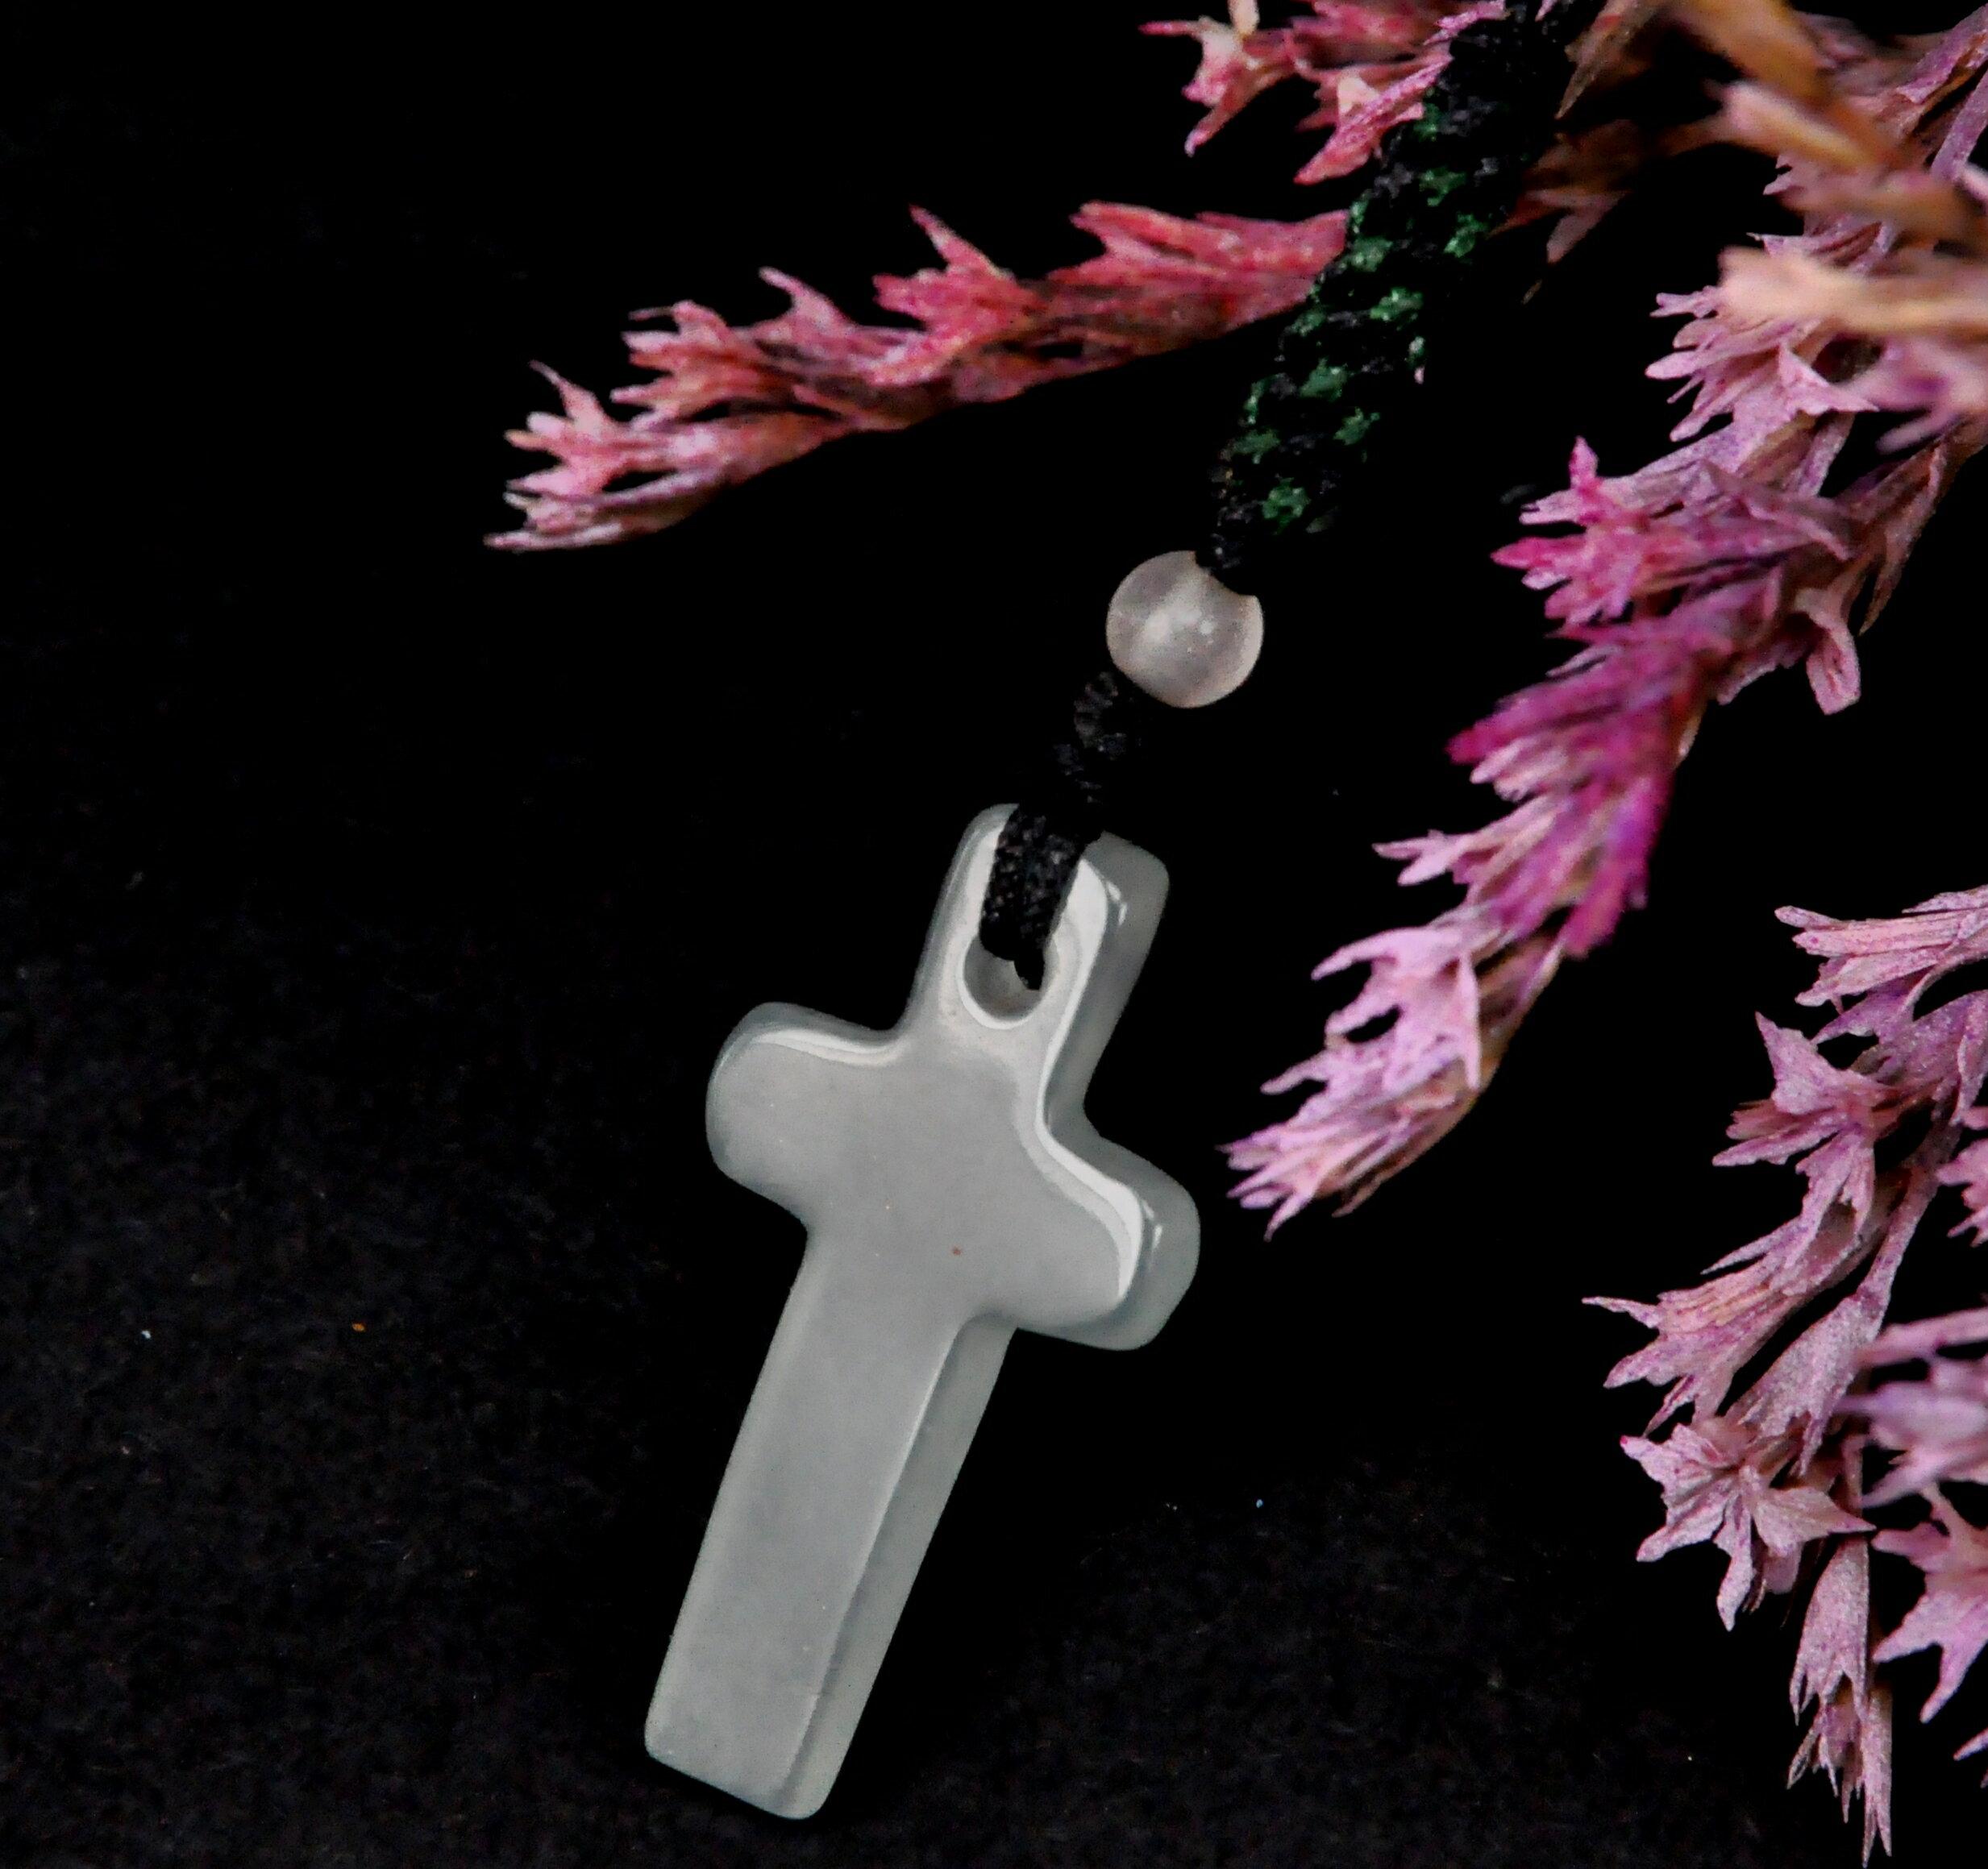 十字架小翡翠手工編繩吊飾